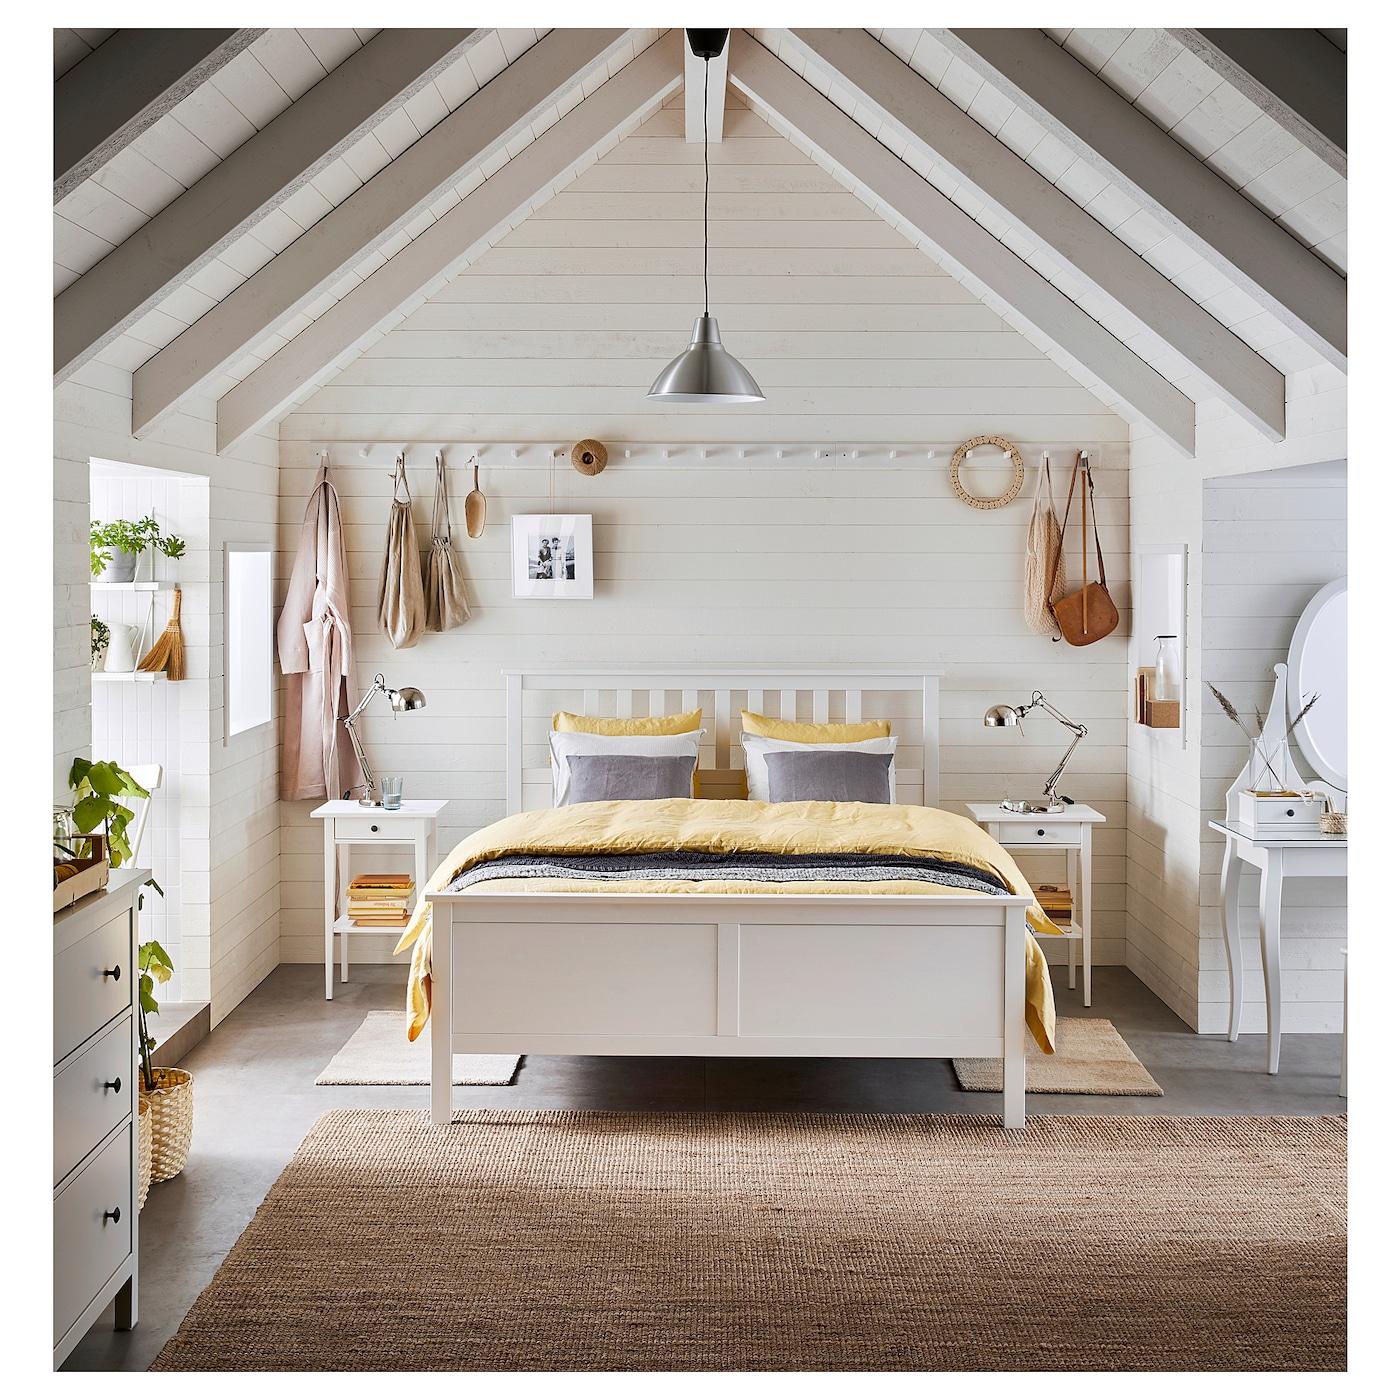 Hemnes Bedbank Ikea.Hemnes Bedframe Wit Gebeitst 160x200 Cm Ikea